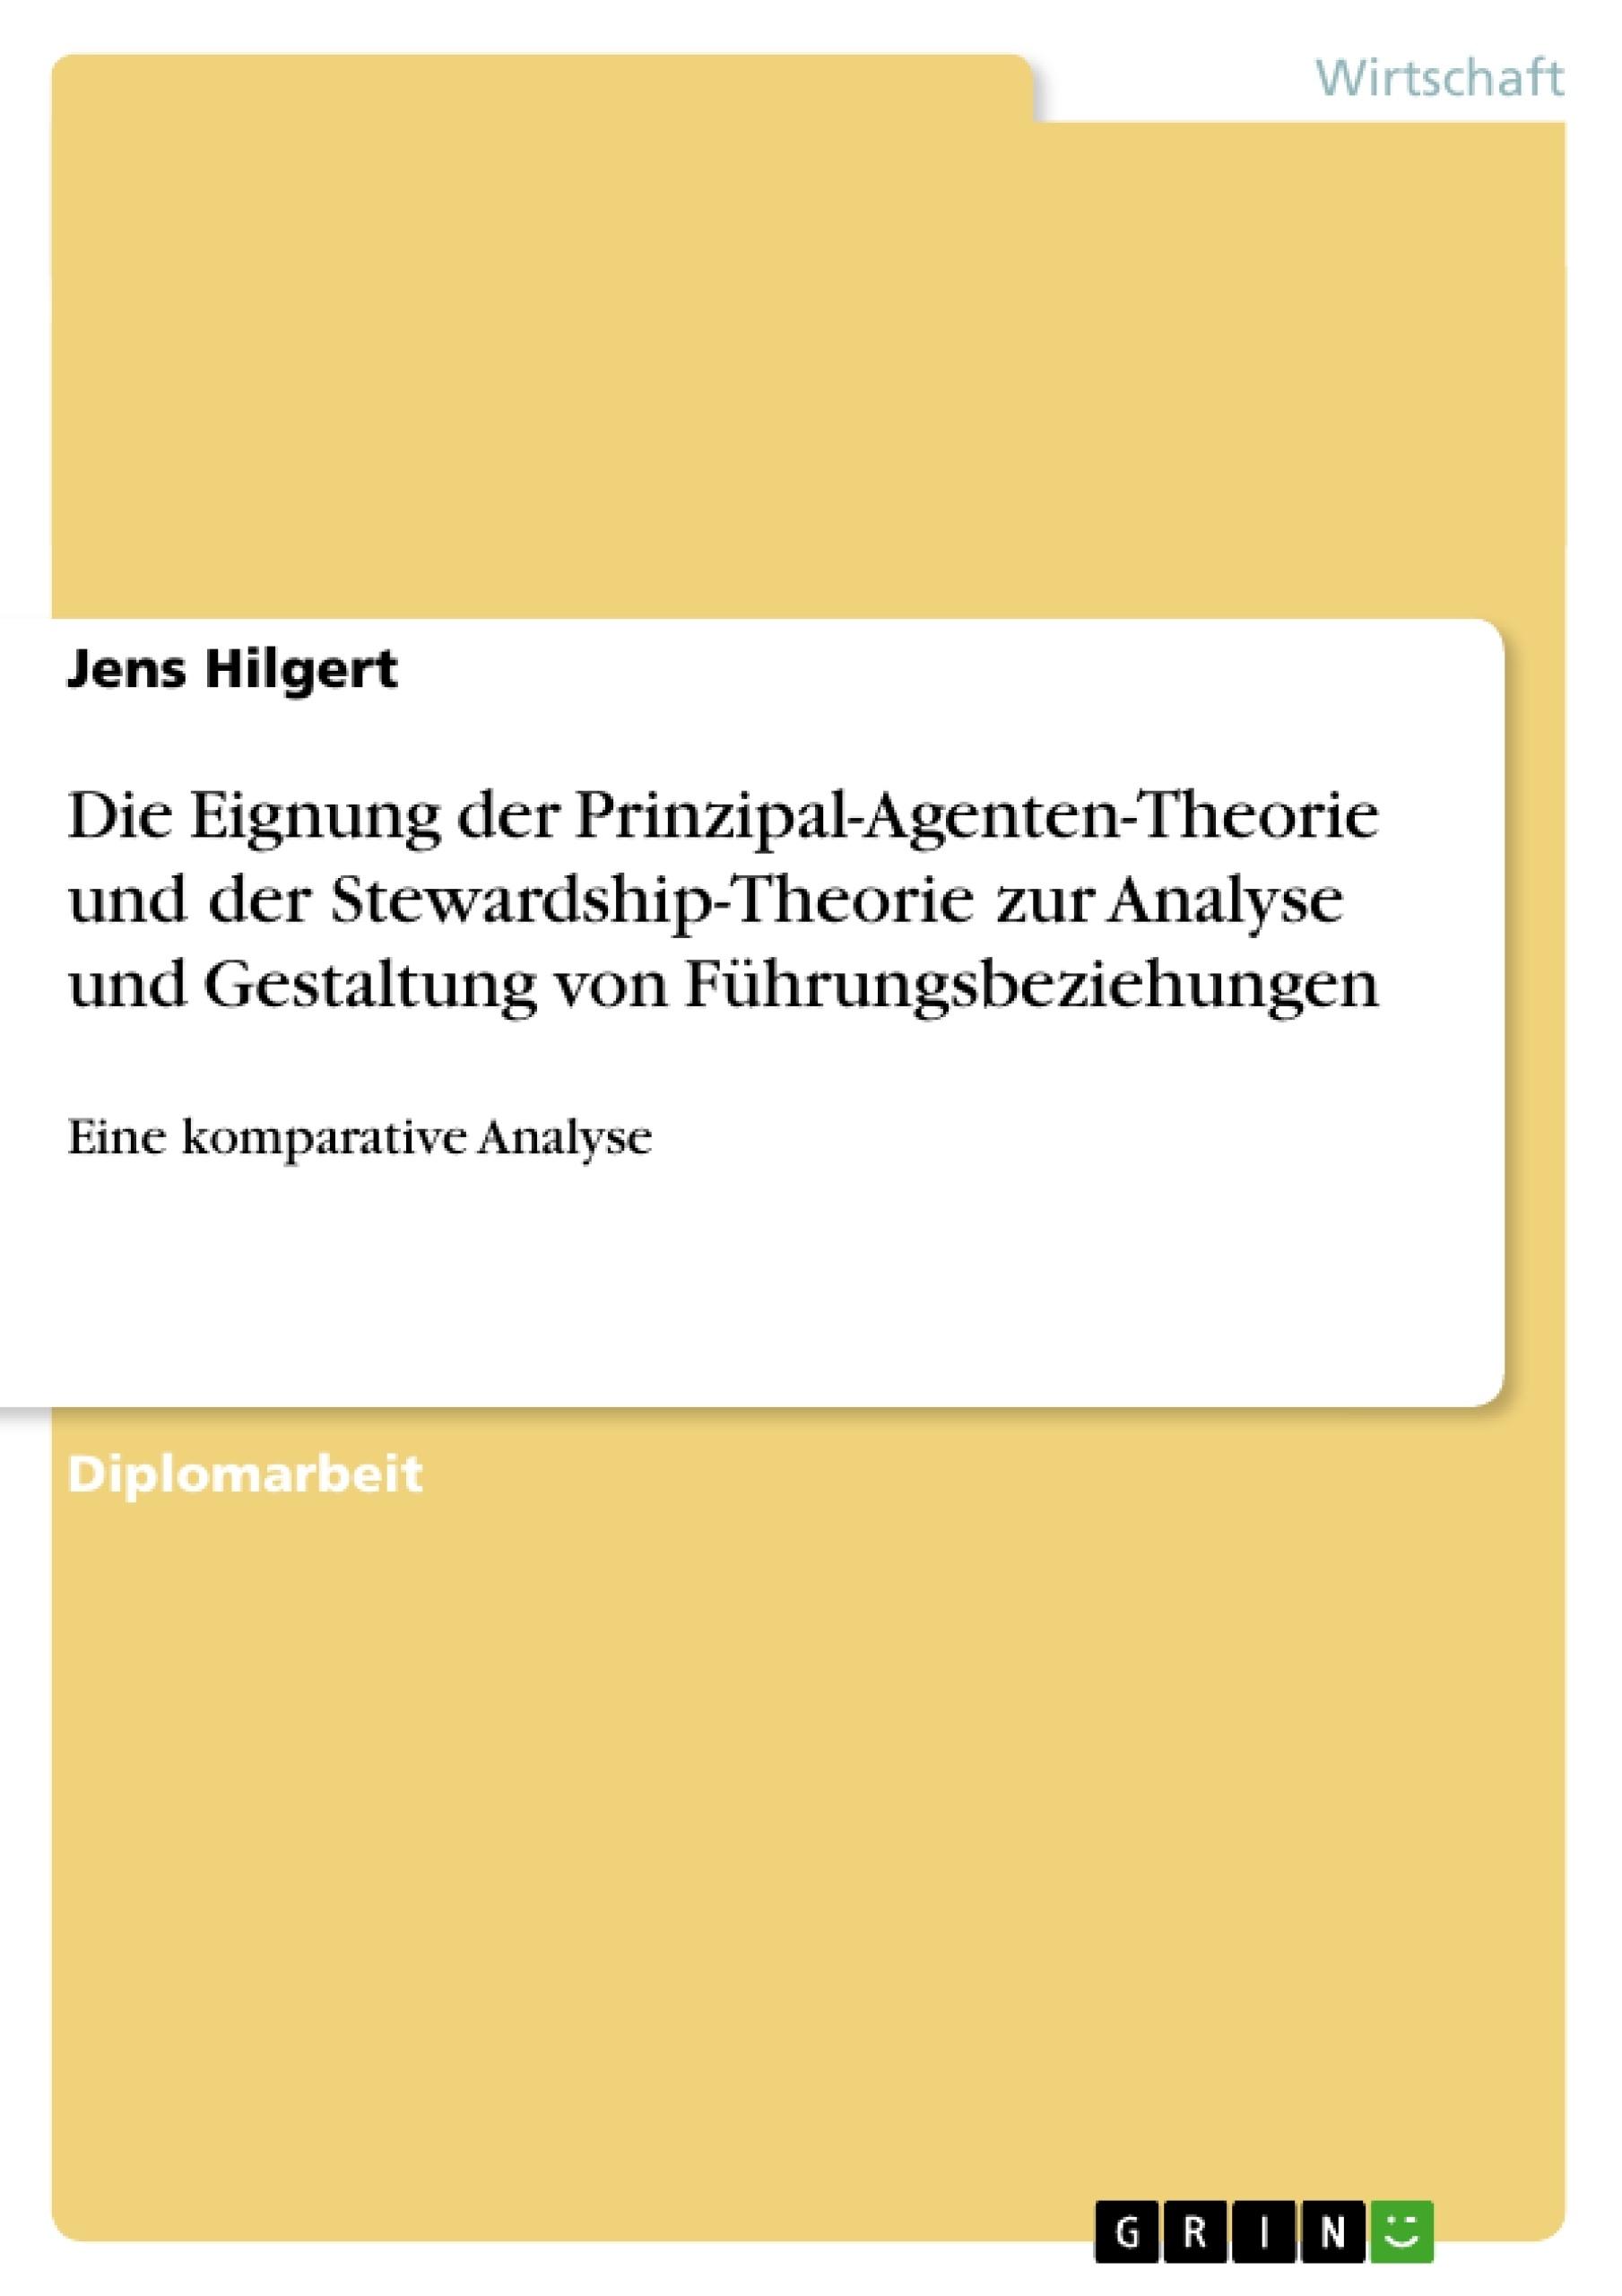 Titel: Die Eignung der Prinzipal-Agenten-Theorie und der Stewardship-Theorie zur Analyse und Gestaltung von Führungsbeziehungen